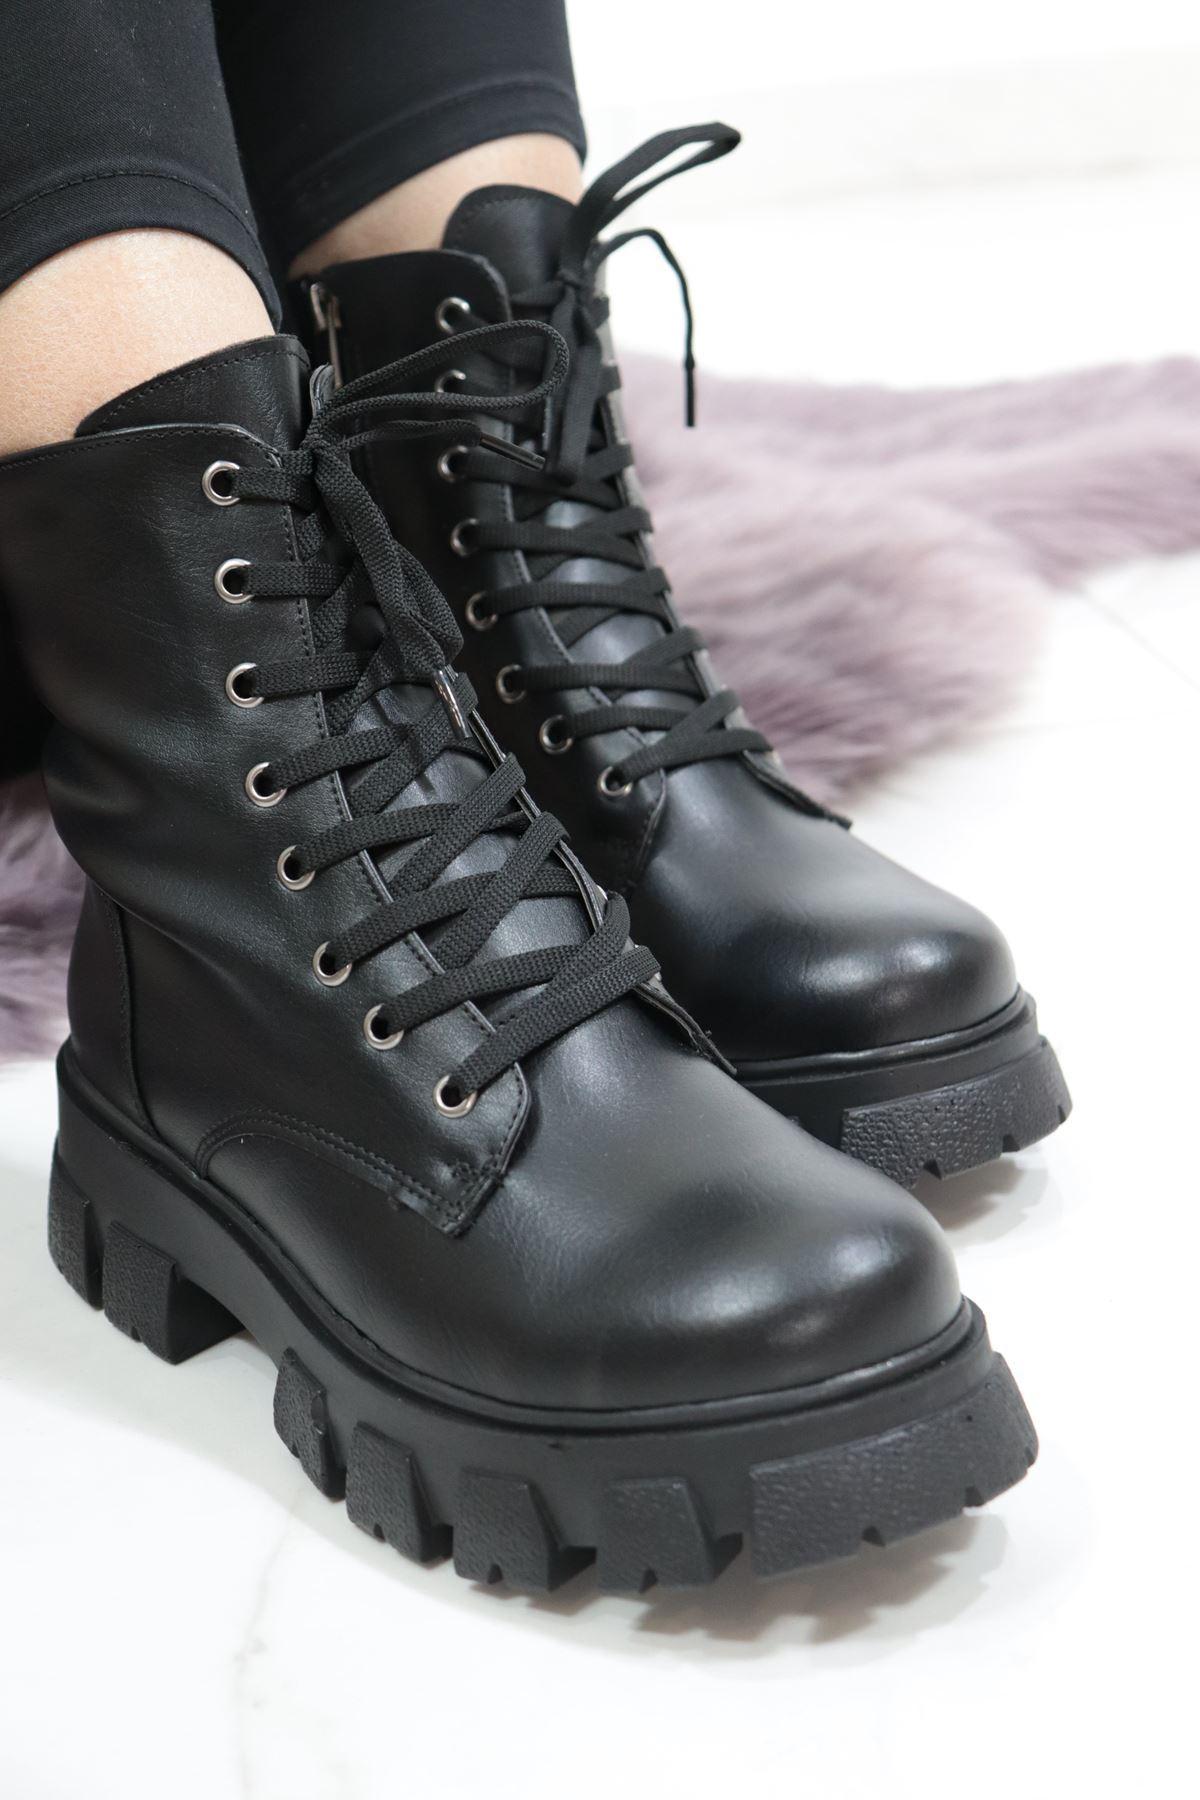 Trendayakkabı - Siyah Cilt Kalın Taban Bot